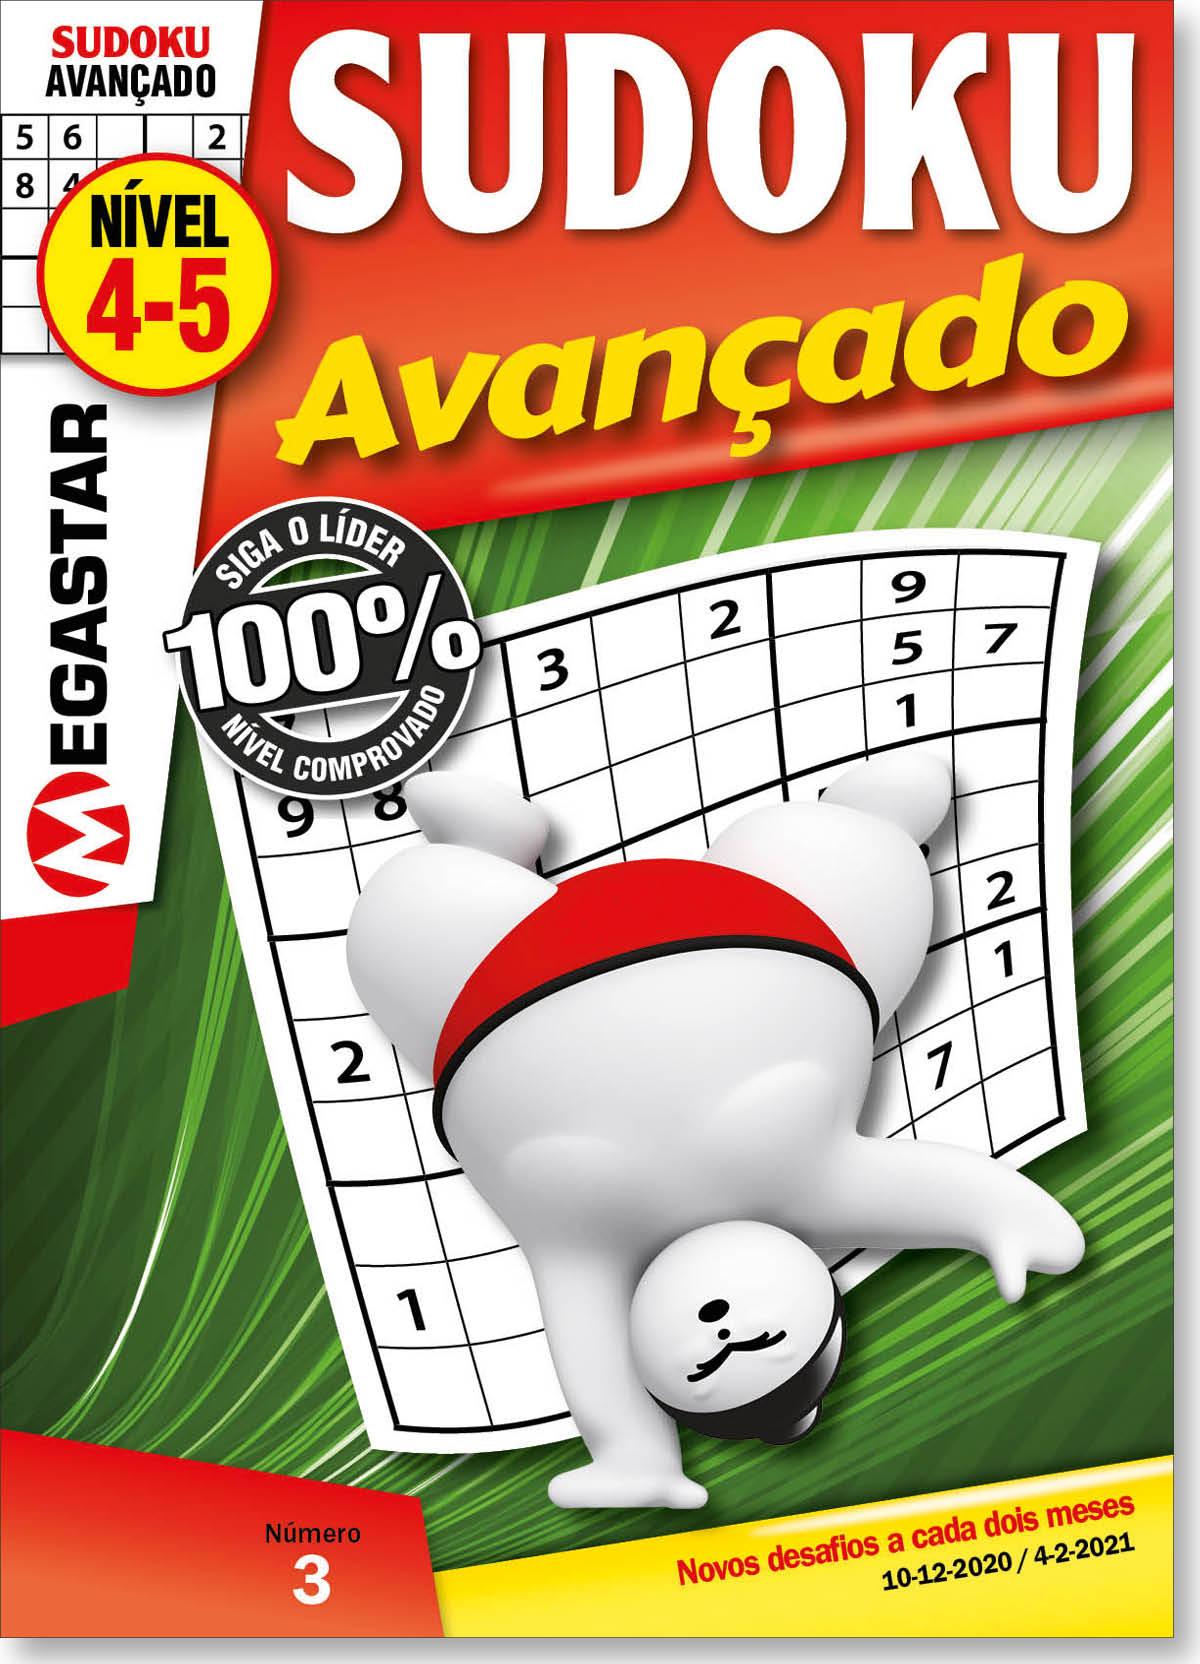 Sudoku Avançado 4-5